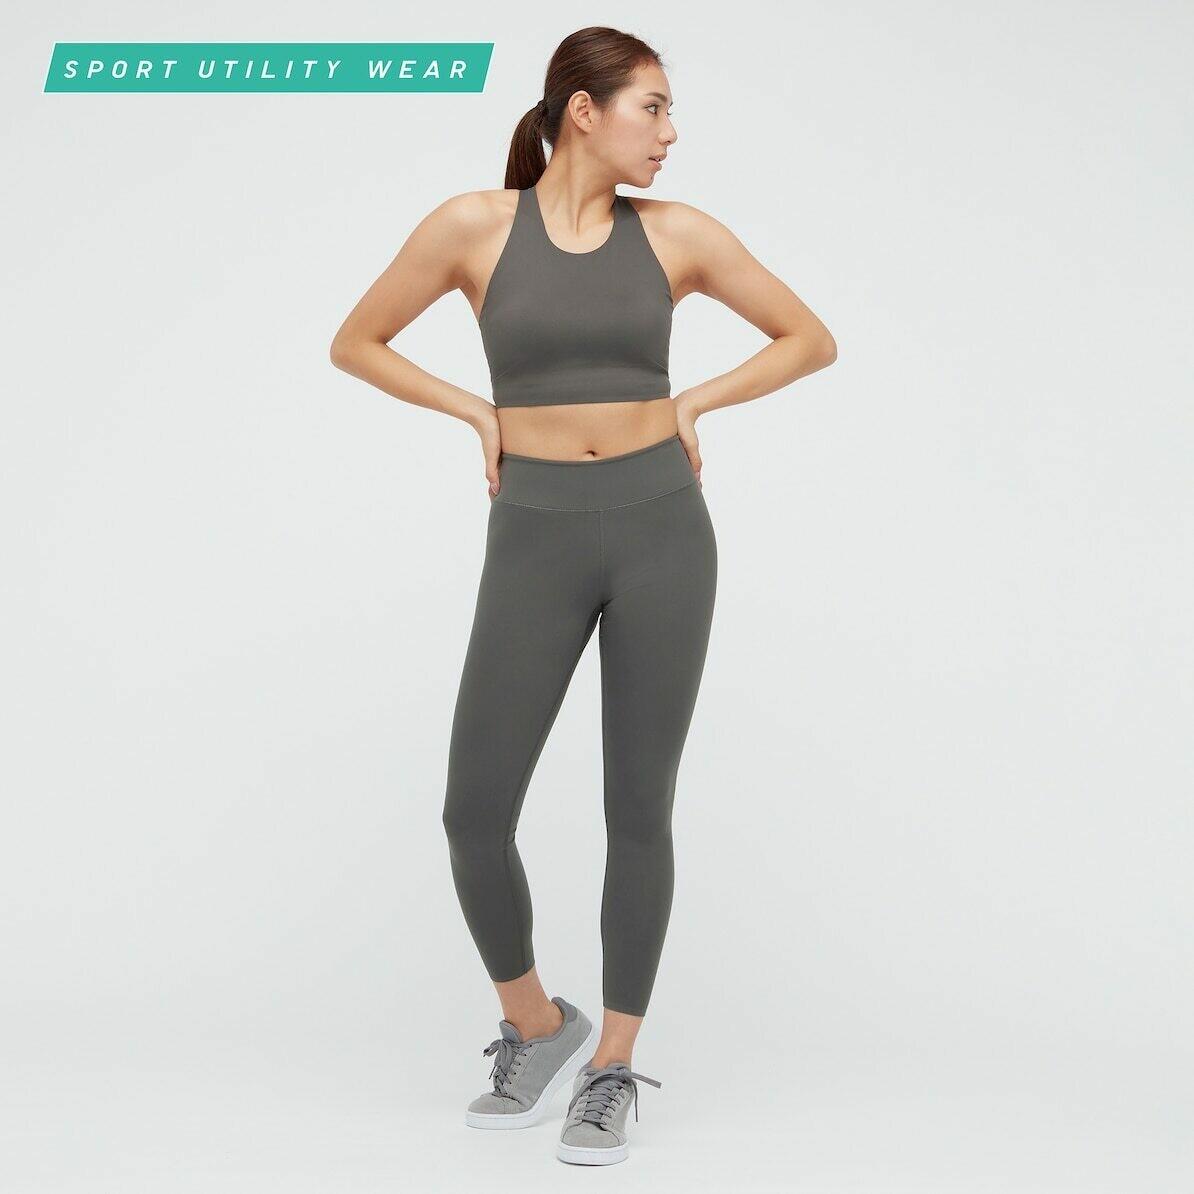 WOMEN AIRISM UV PROTECTION ACTIVE SOFT LEGGINGS (comprimento padrão 58,5 a 60,5 cm) - 07 GRAY